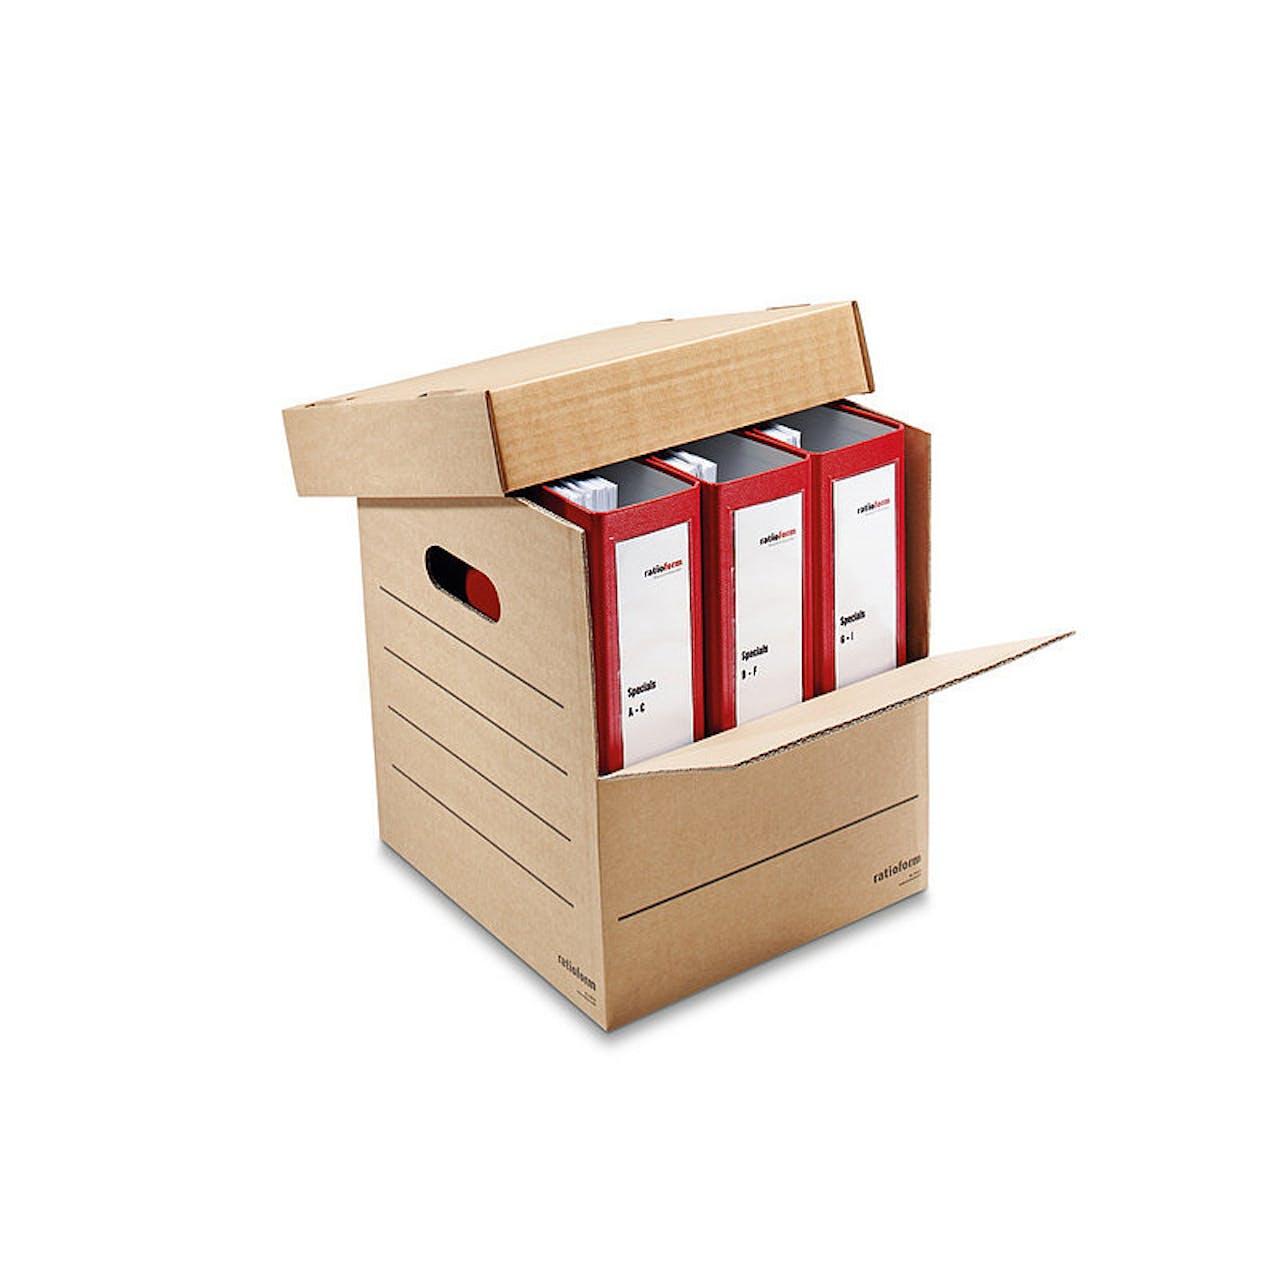 Ordner-Karton für 3–8 breite Ordner